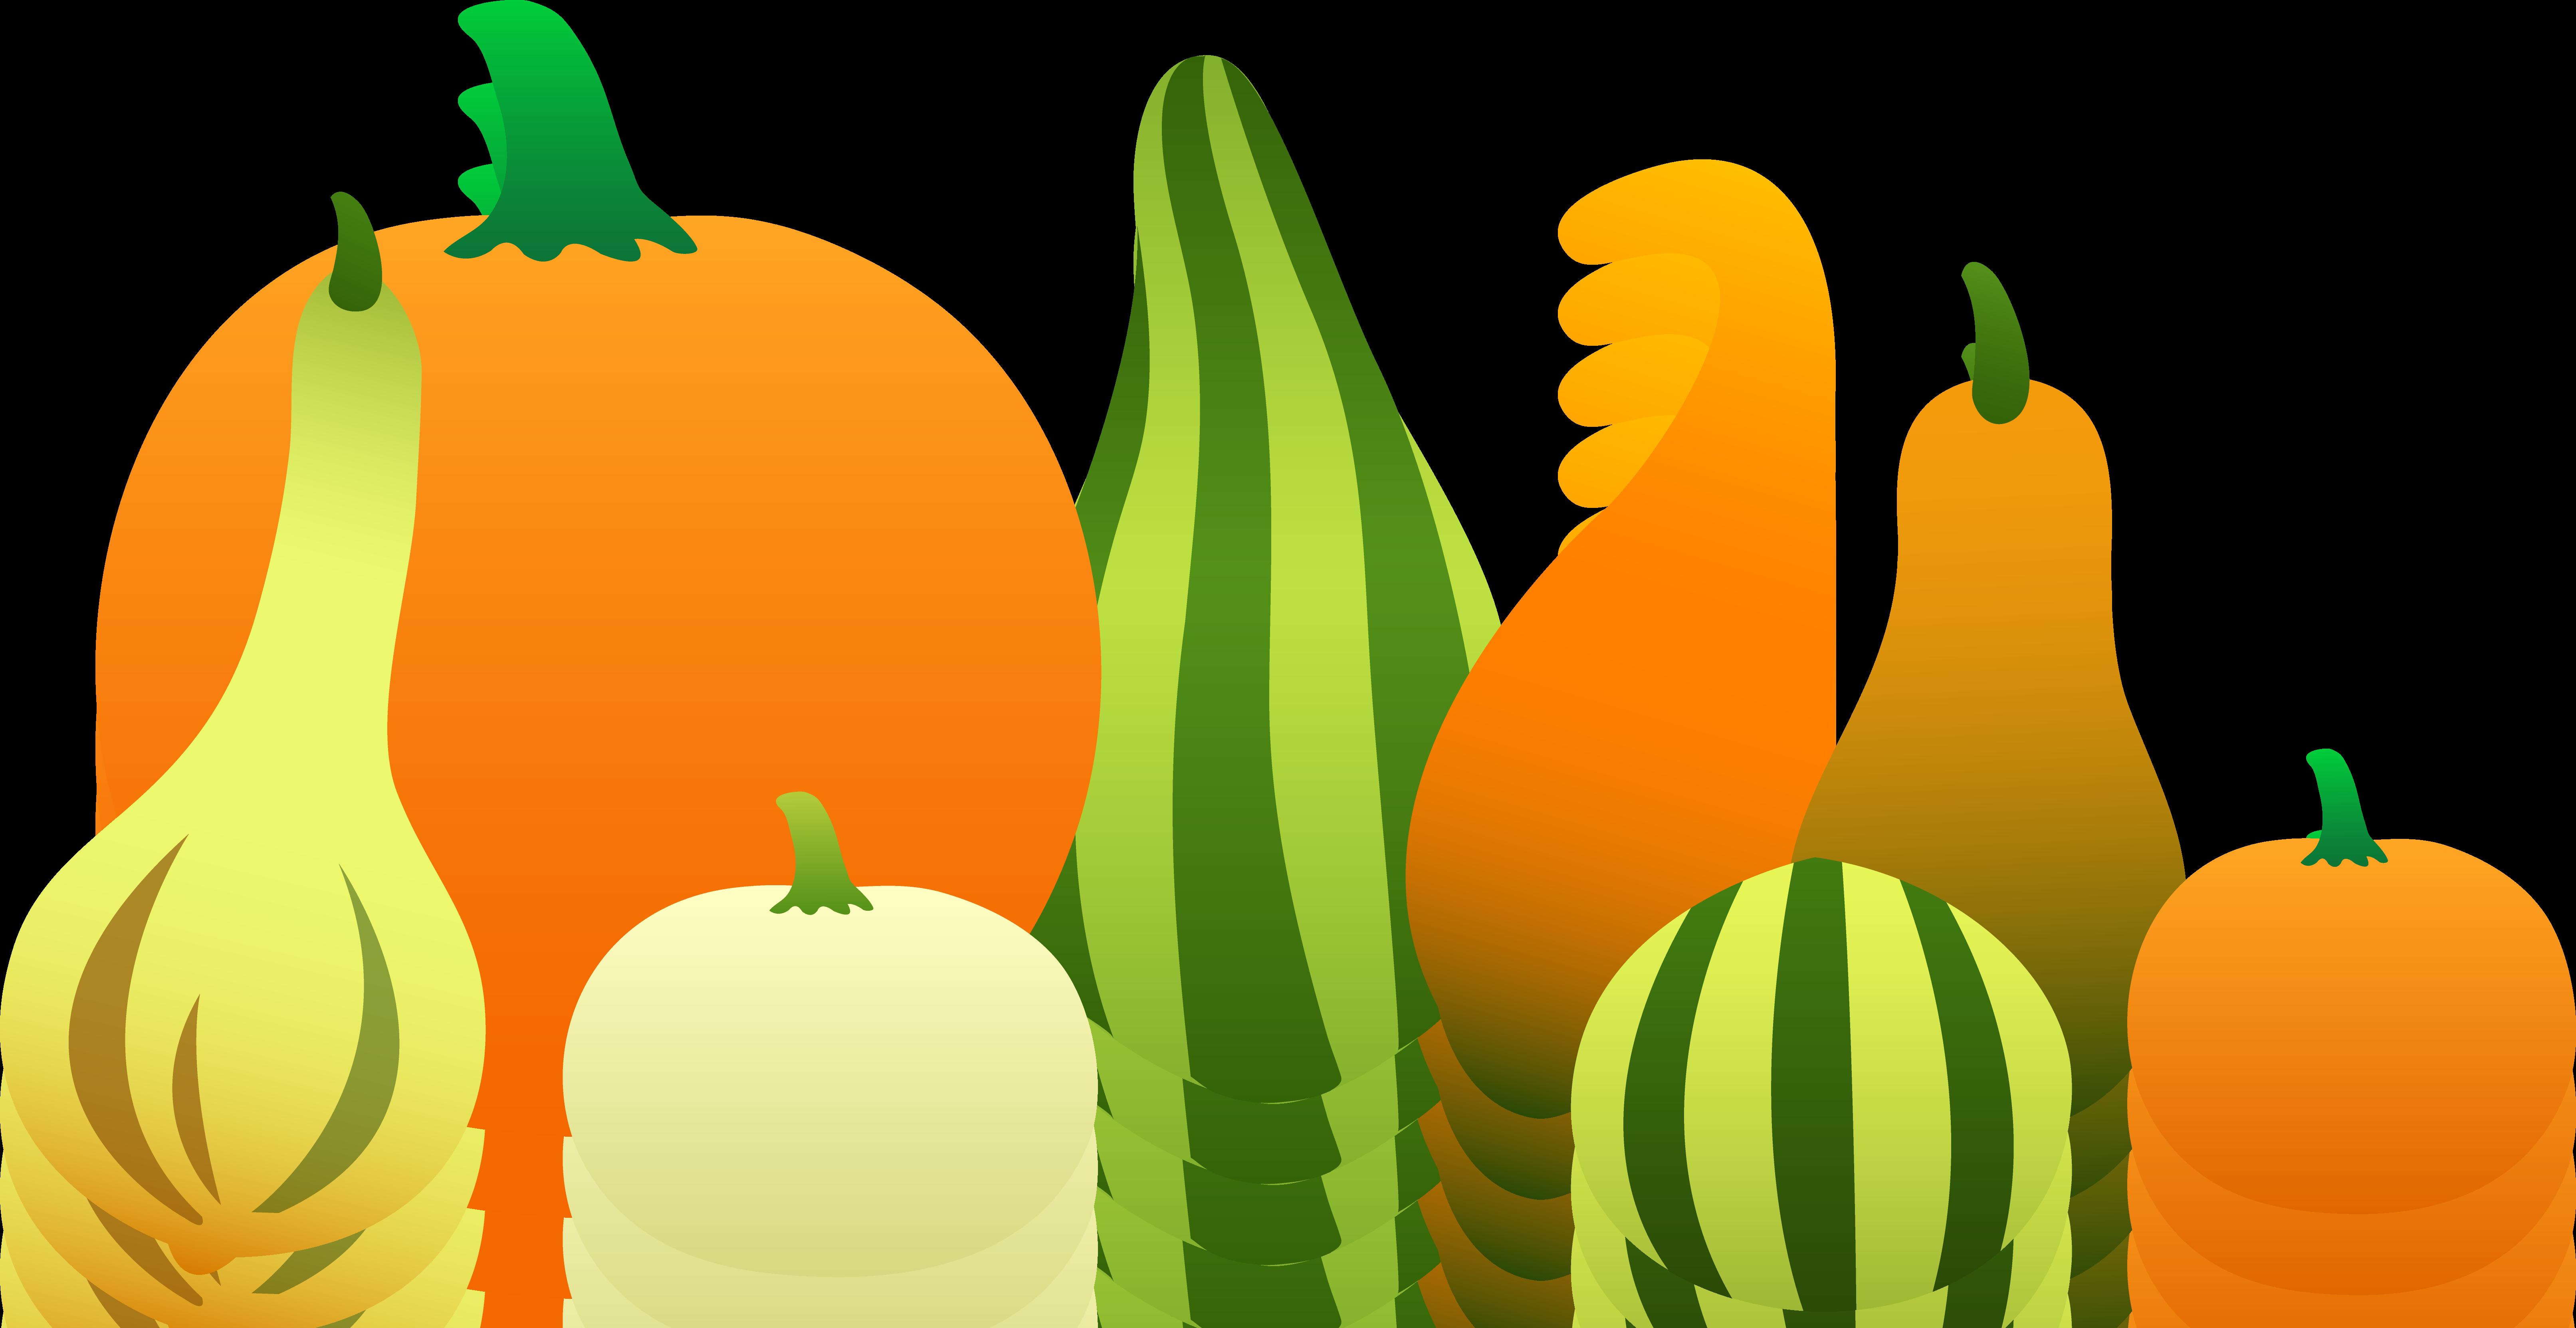 6452x3326 Pumpkins Pumpkin Fall Clip Art Free Clipart Images